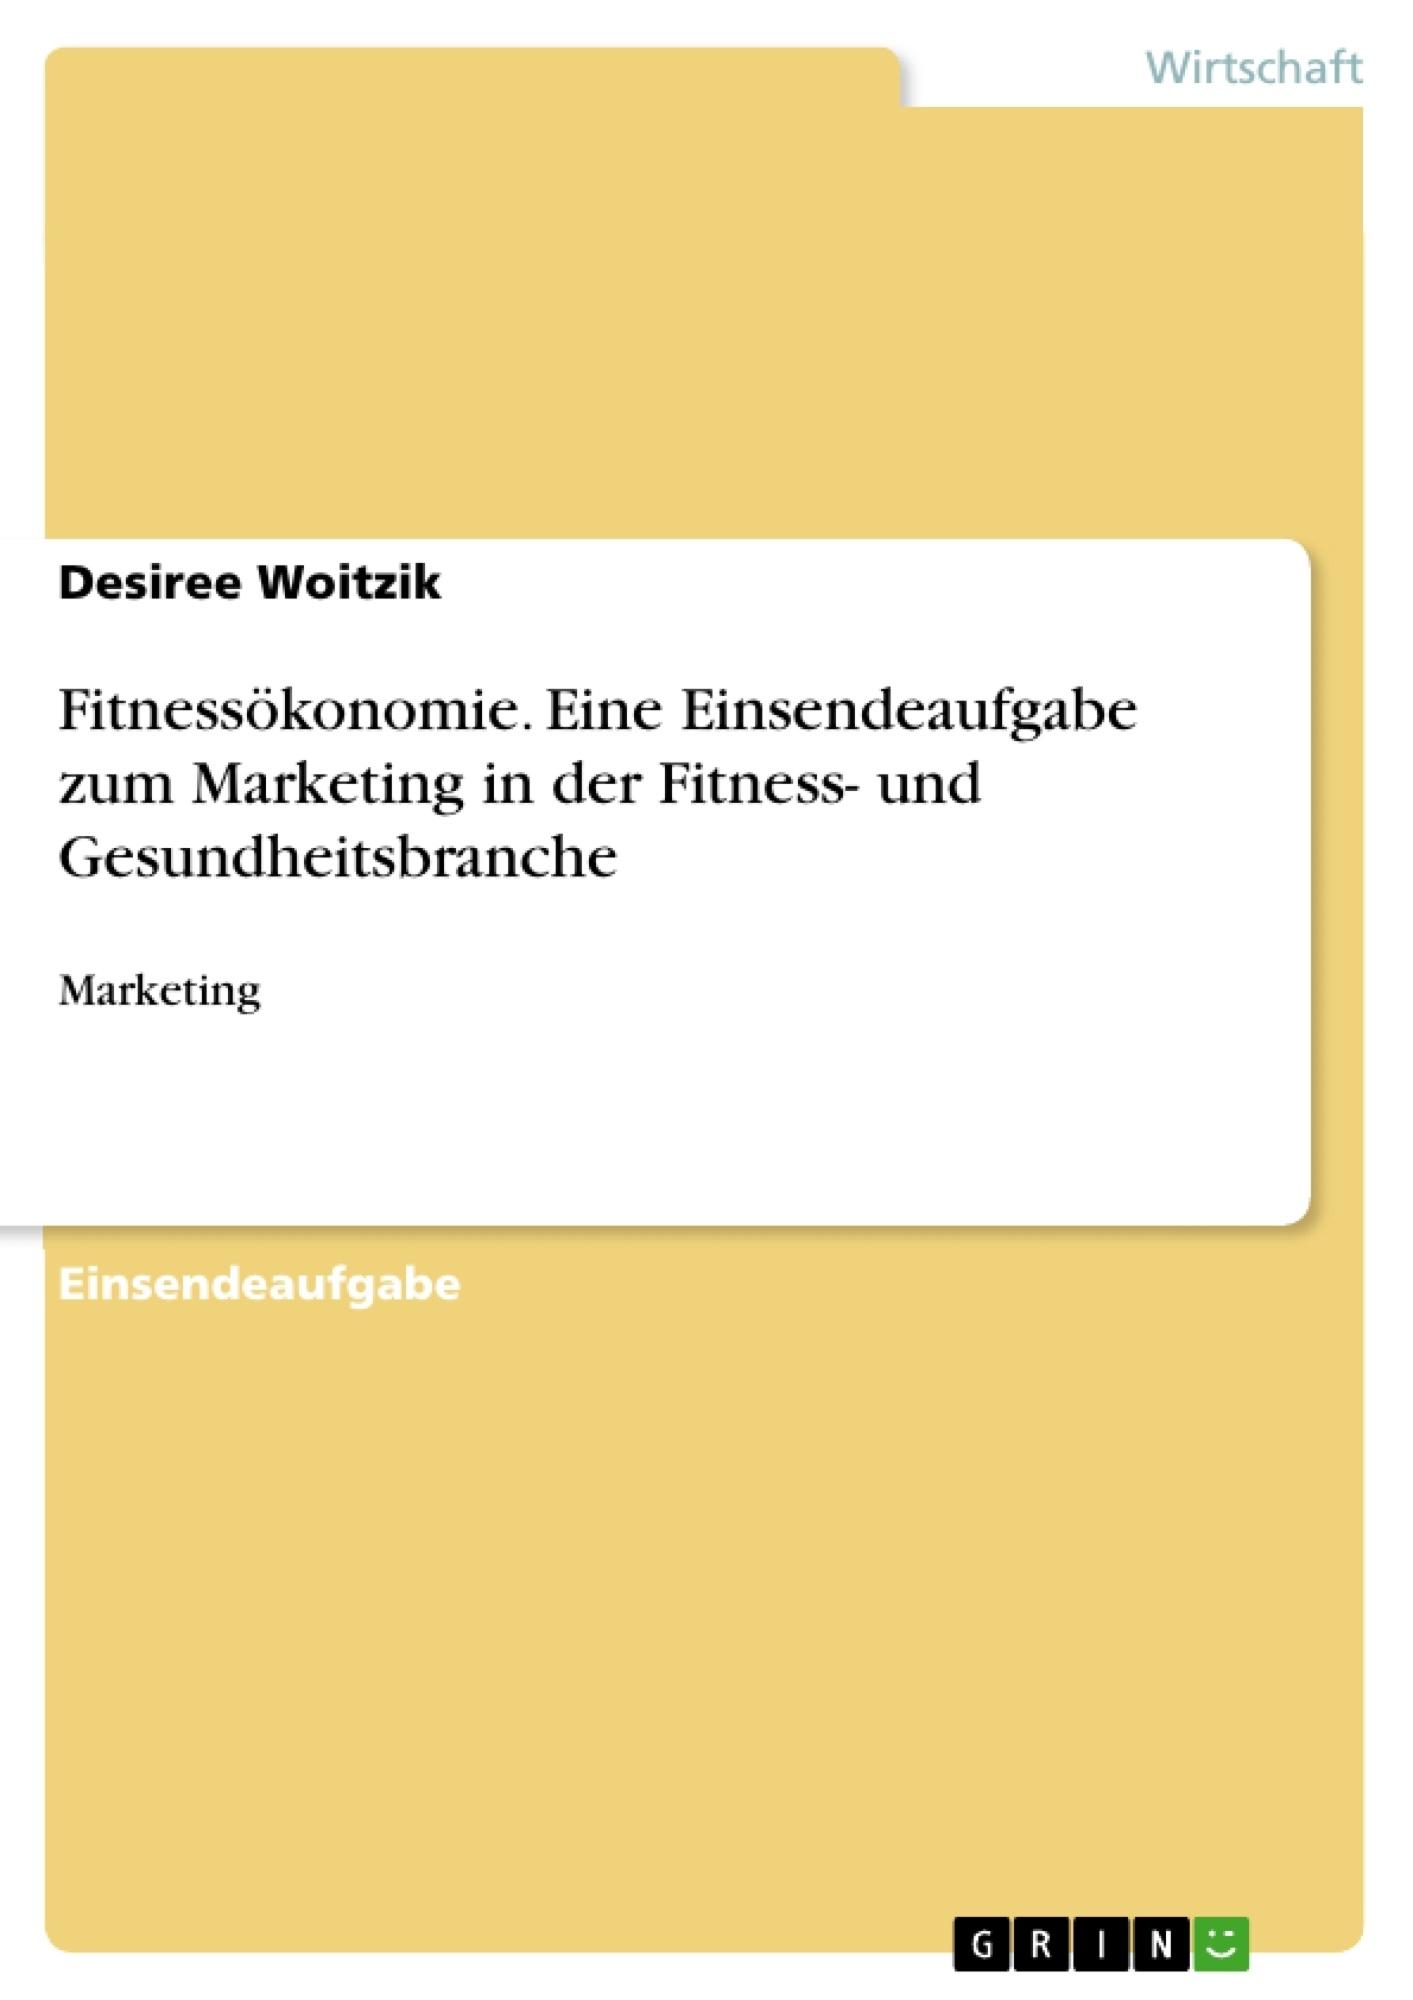 Titel: Fitnessökonomie. Eine Einsendeaufgabe zum Marketing in der Fitness- und Gesundheitsbranche